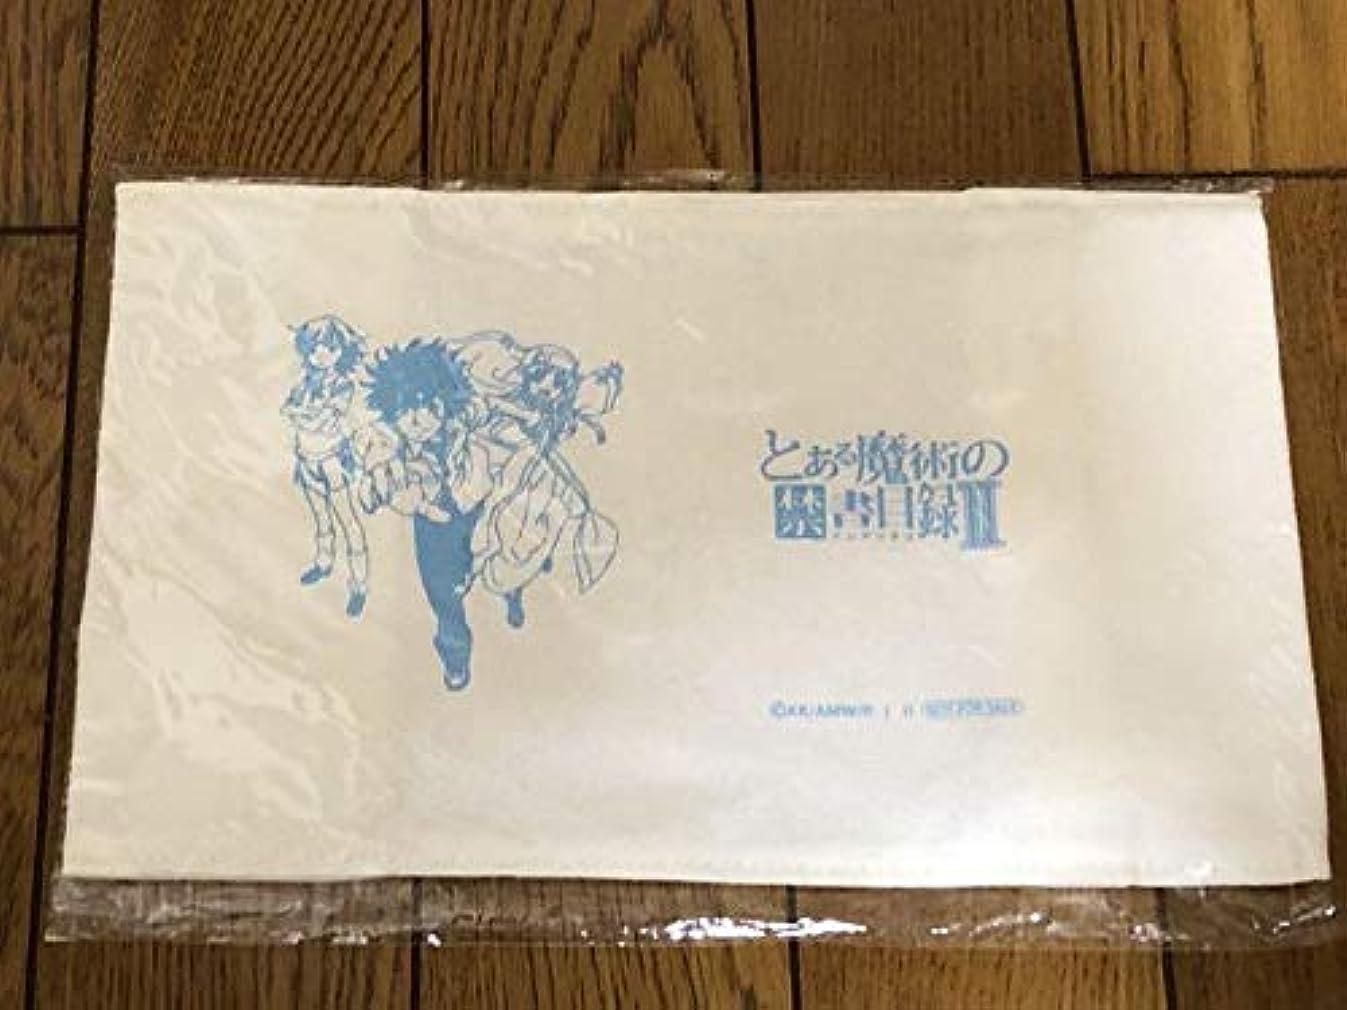 ゴネリル雲窓とある魔術の禁書目録2 ブックカバー